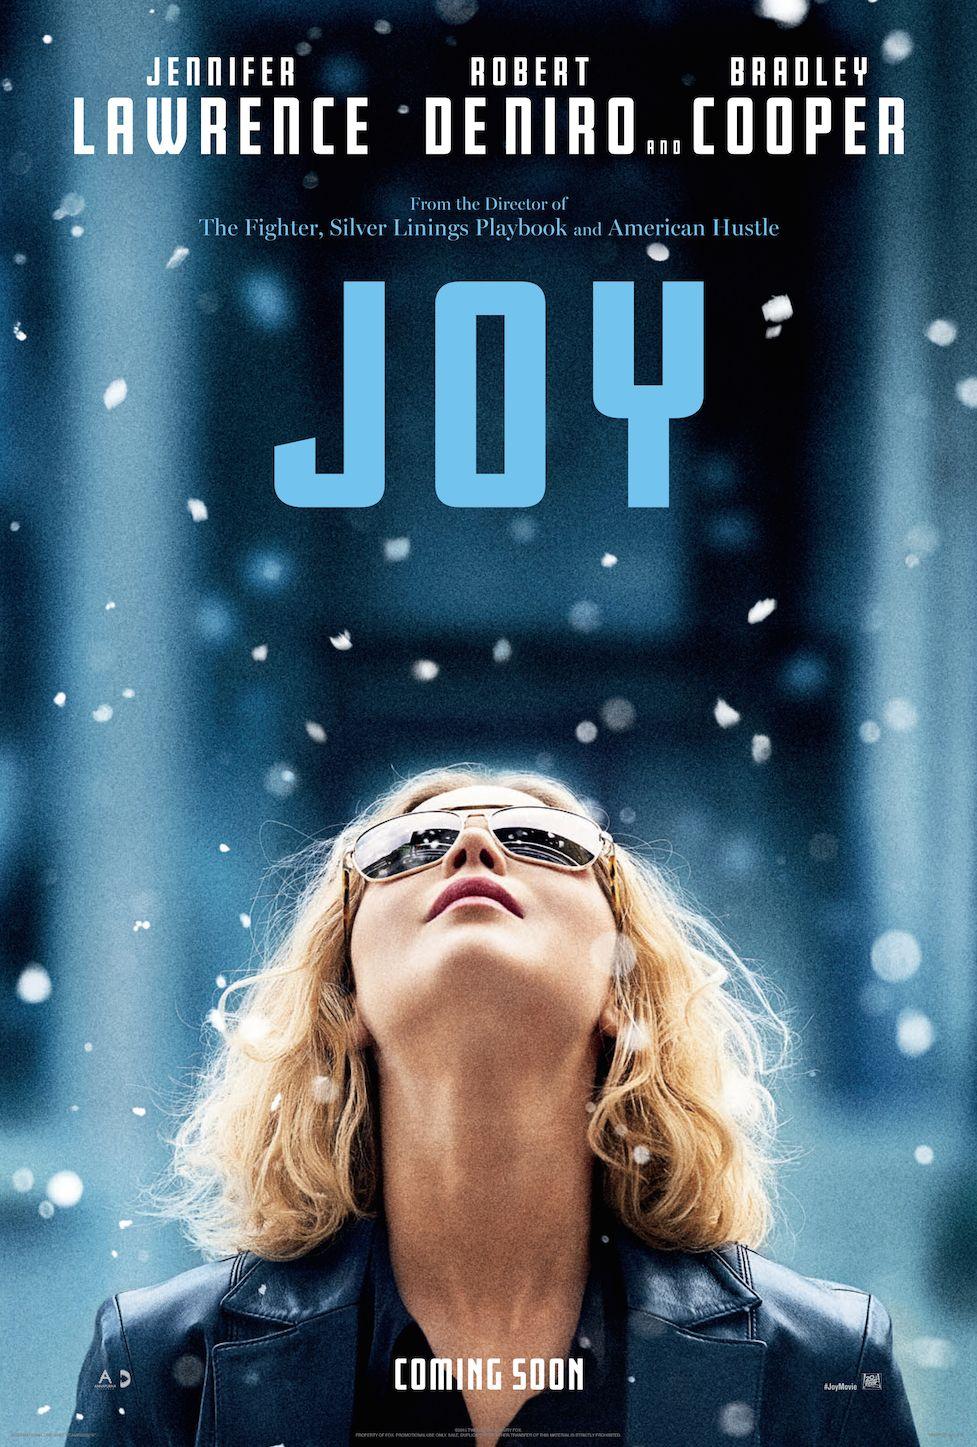 New Teaser Poster for David O. Russell's 'Joy' Starring Jenn